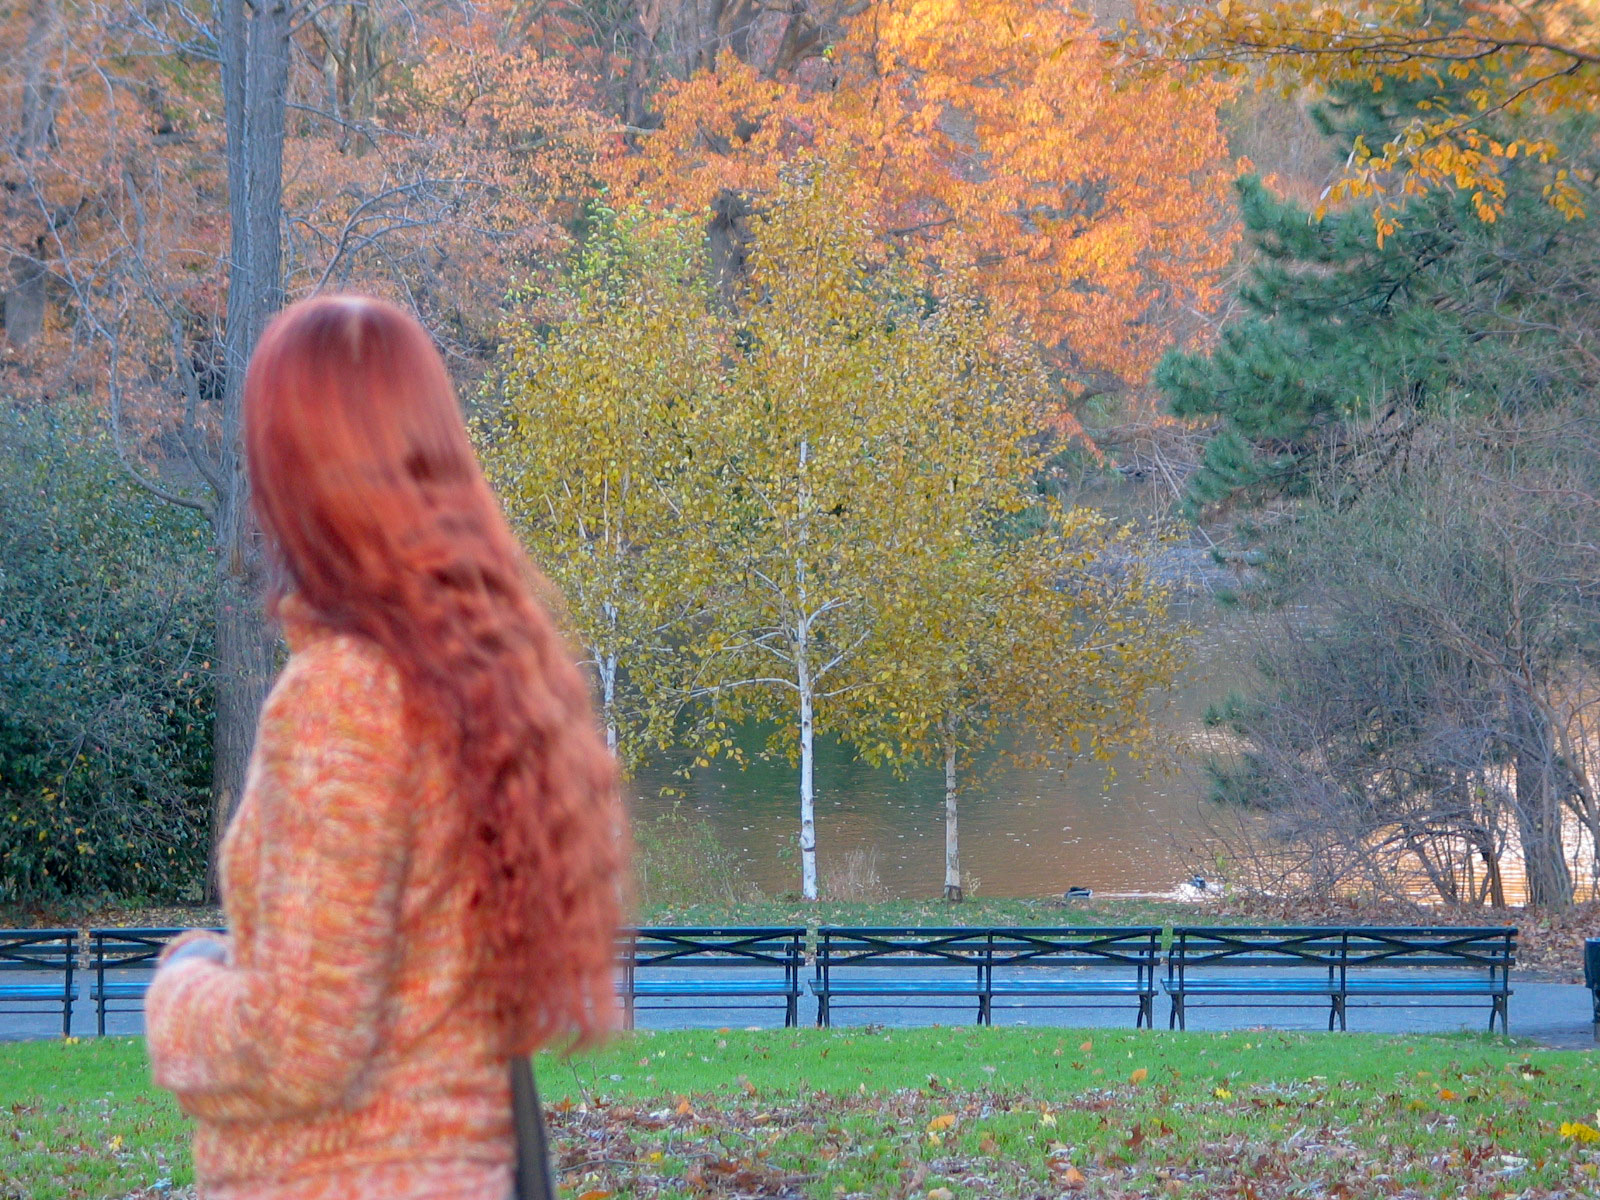 Central Parkin värejä. Kuva: Miika Mattila